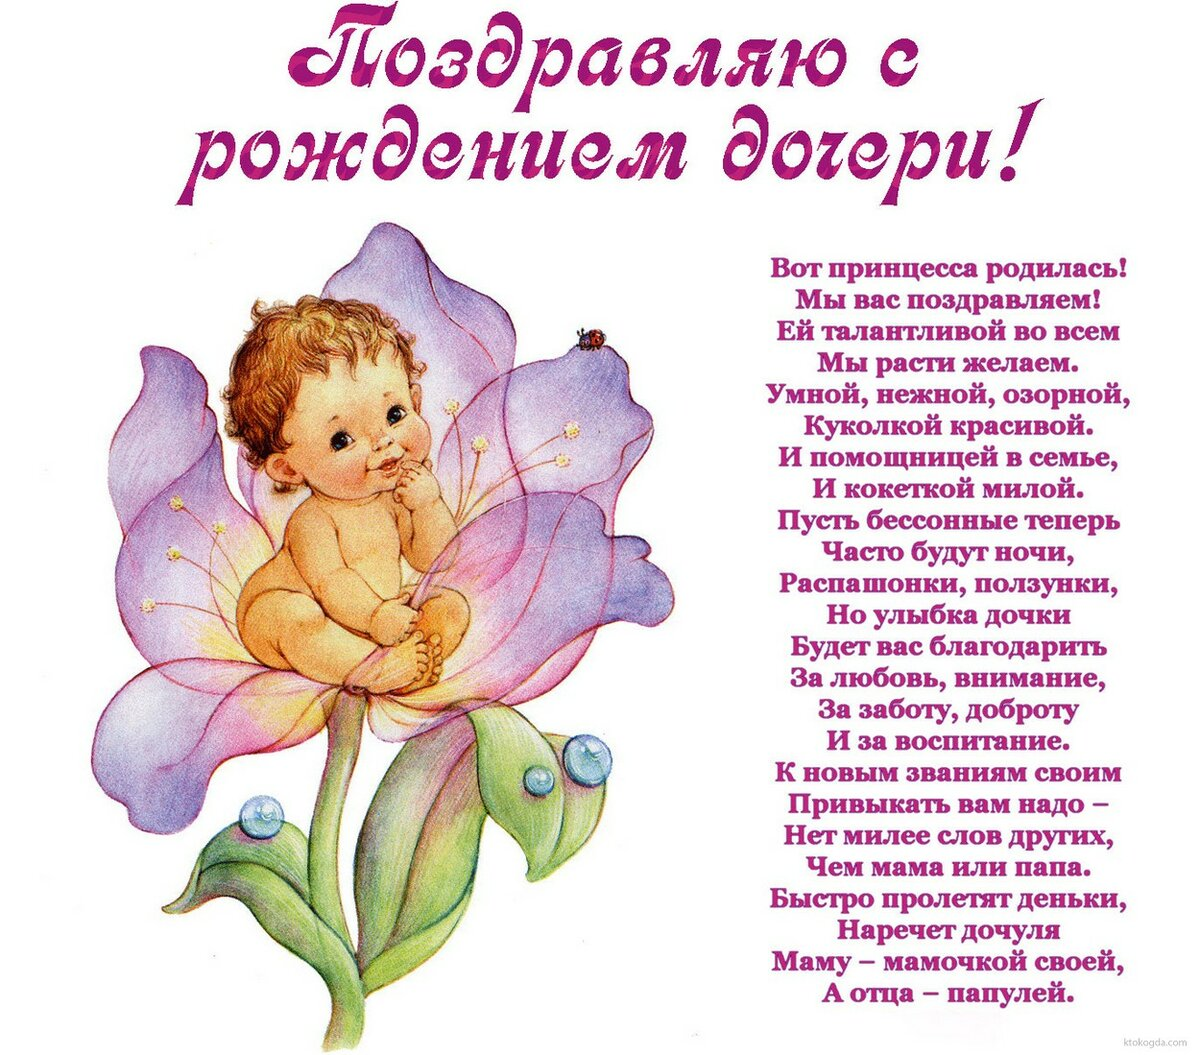 Гармошки, поздравления с рождением дочки для мамы картинкой